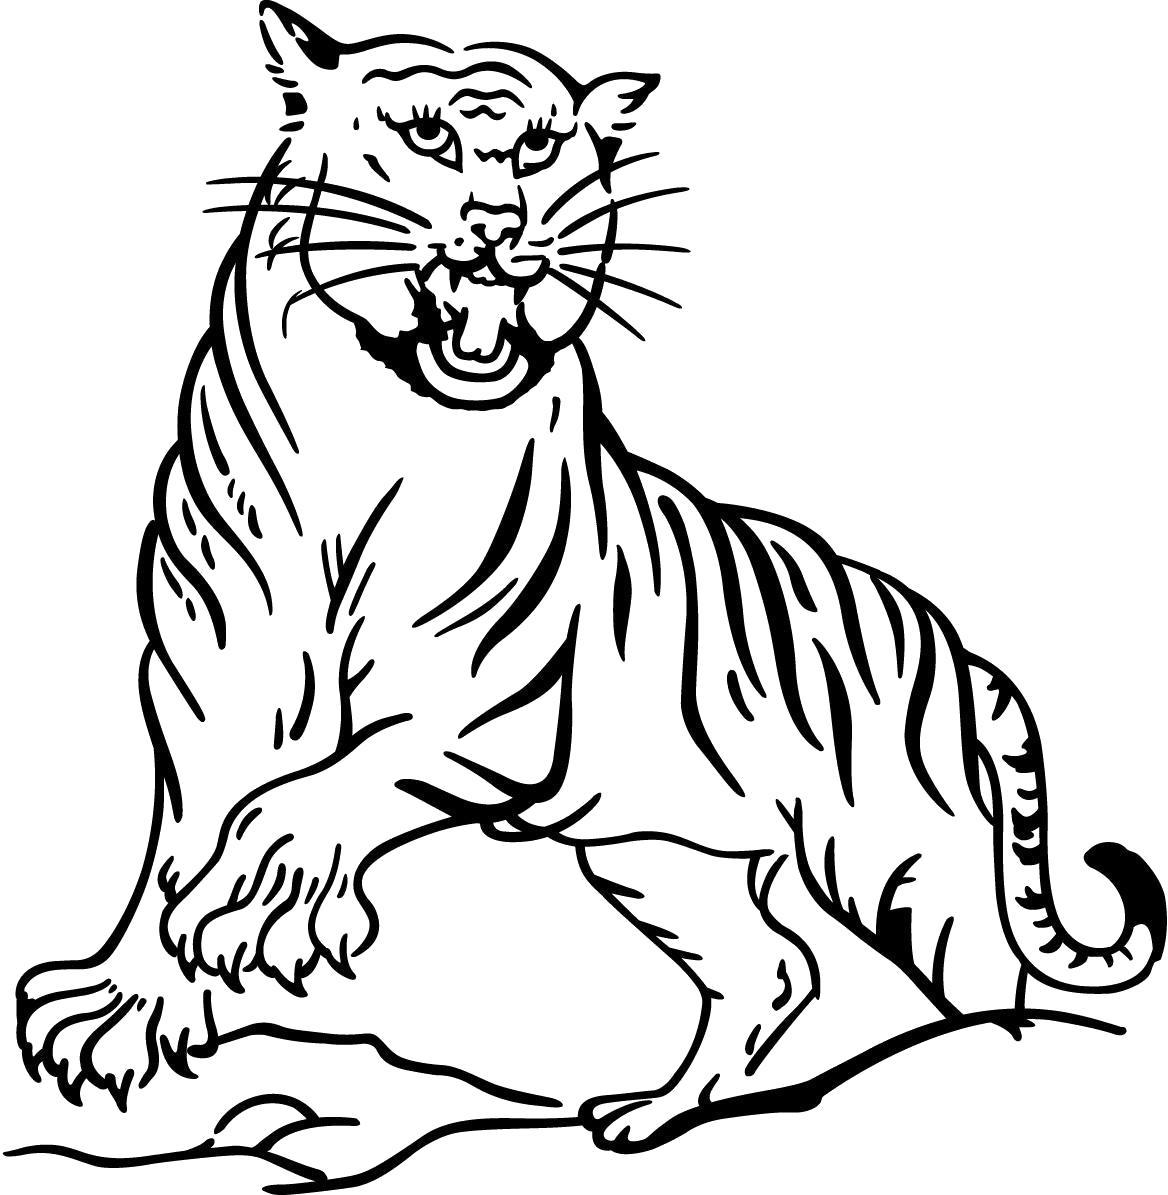 Раскраска тигр с когтями. Скачать Тигр.  Распечатать Дикие животные